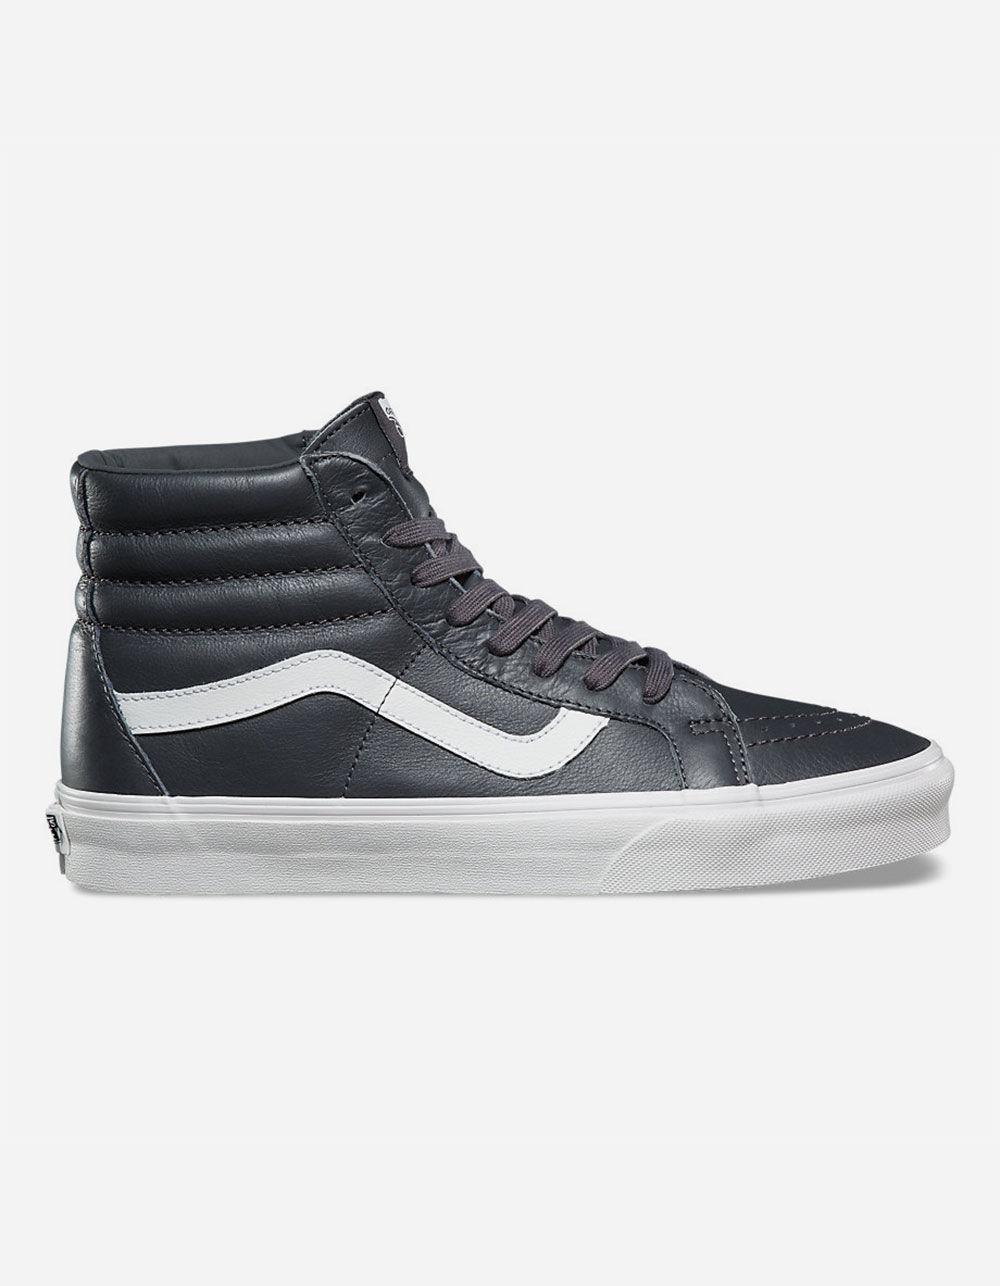 ed3fb9d5d2a Lyst - Vans Sk8-hi Reissue Leather Asphalt   Blanc De Blanc Shoes in ...